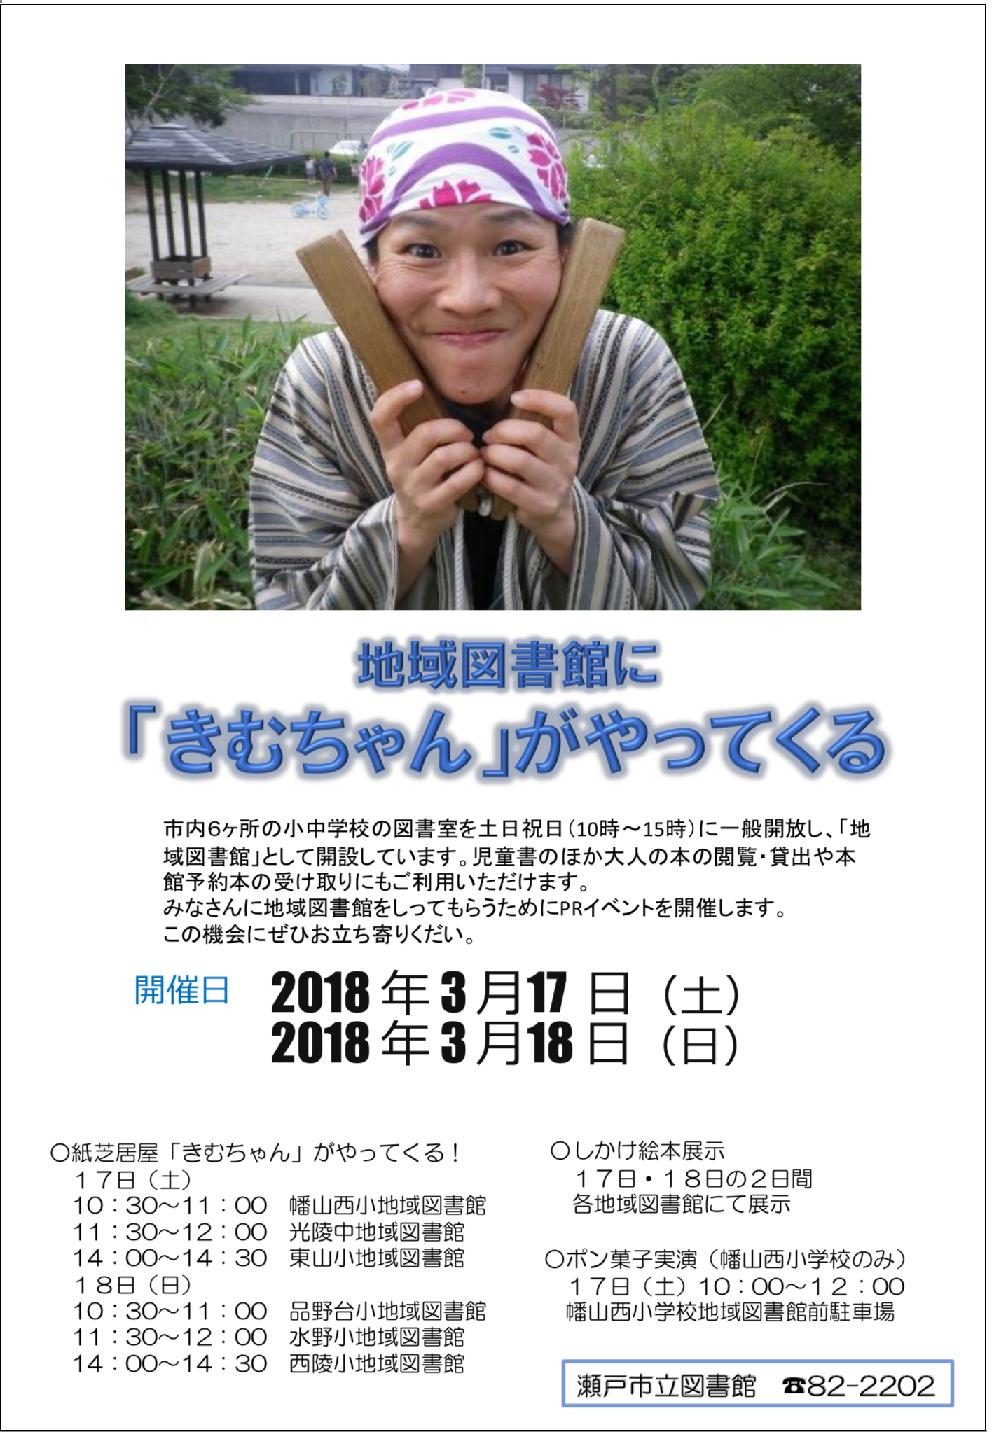 http://www.lib.seto.aichi.jp/news/images/24f32da06a96d29c86bc6419161c46d619496c30.png